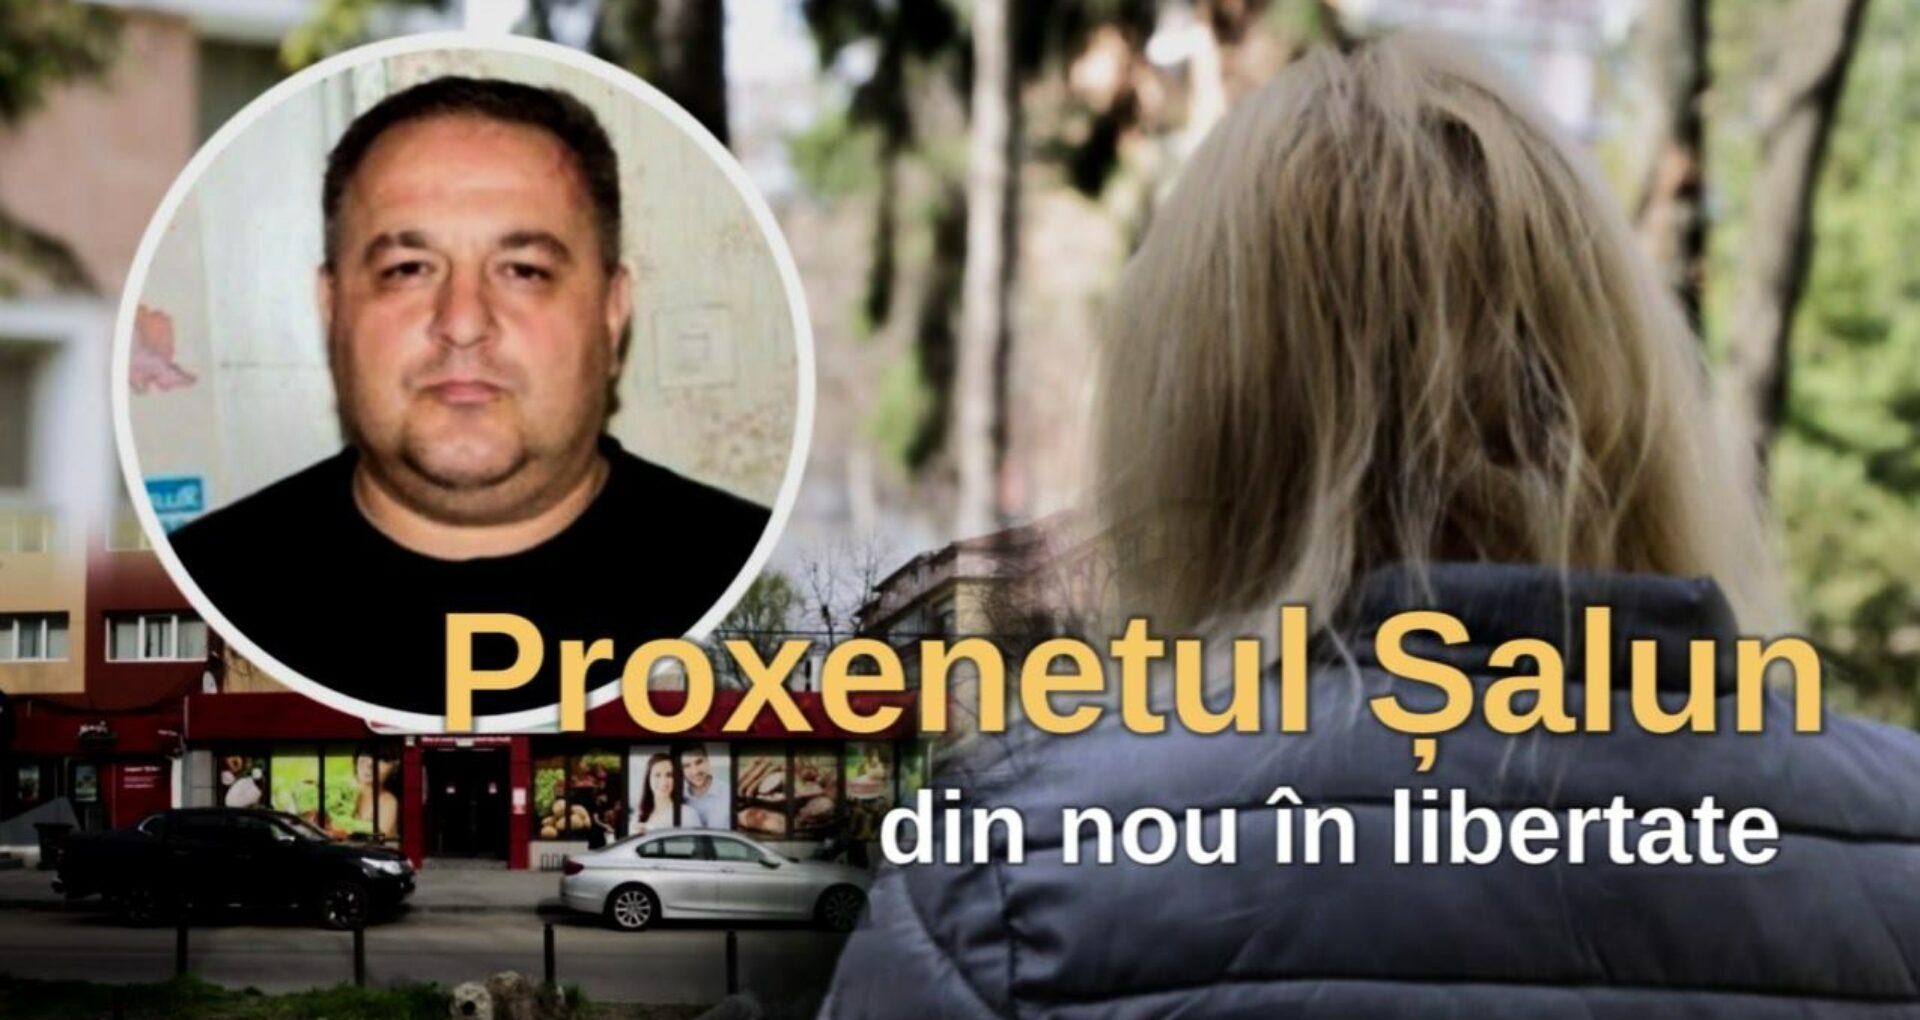 Proxenetul Șalun a scăpat definitiv de închisoare cu cinci ani înainte de termen. Decizie irevocabilă a Curții de Apel Bălți